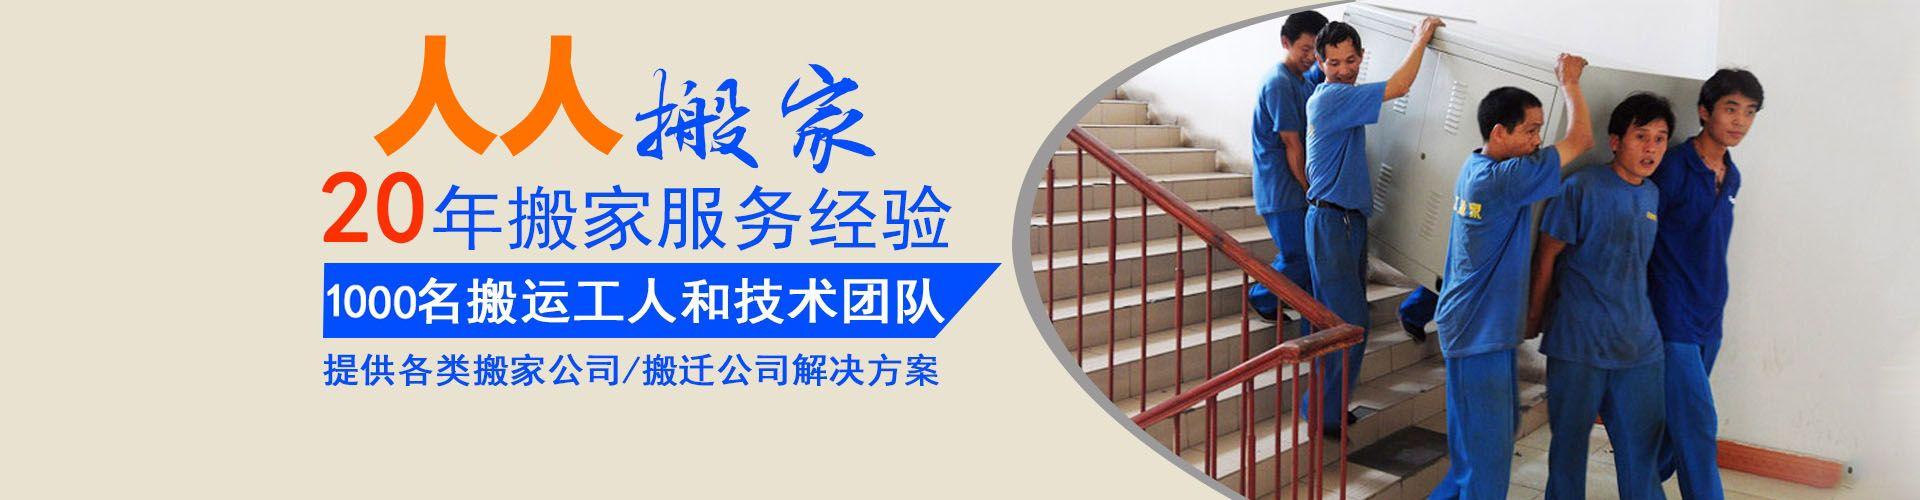 廣州人人搬家公司搬家經驗